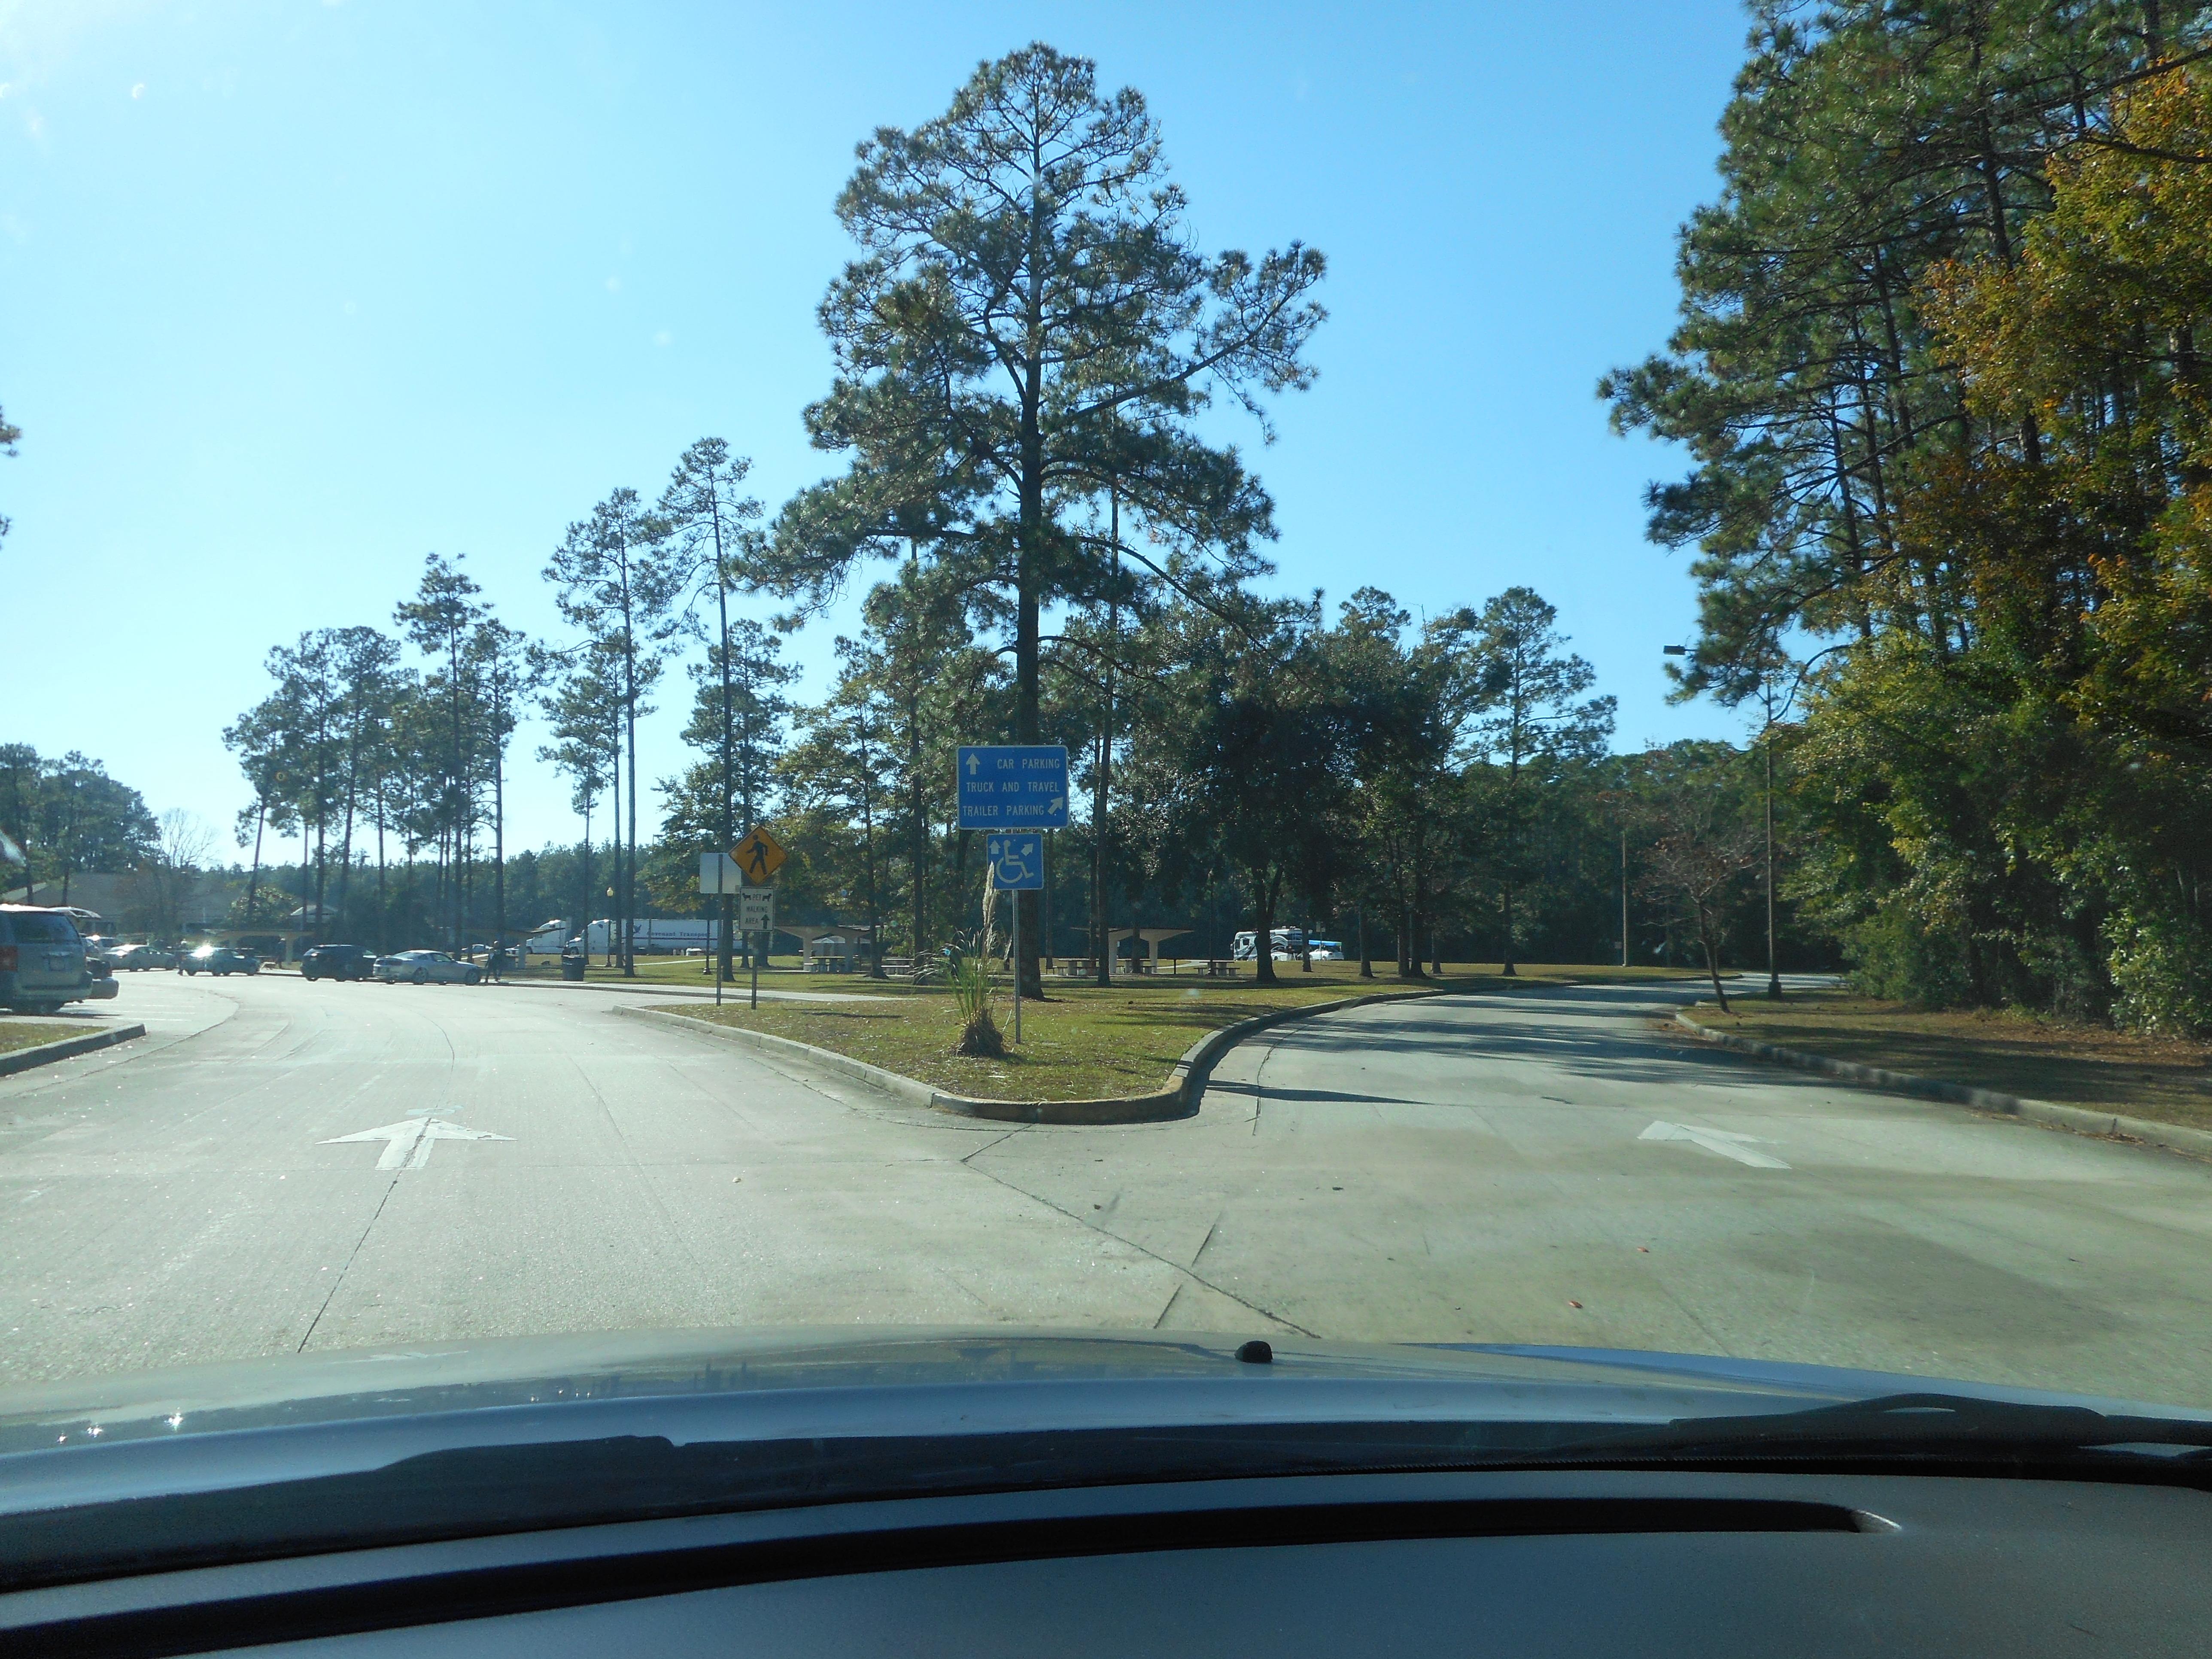 Filesb I 95 Glynn County Ga Rest Area Car Vs Truck Bus